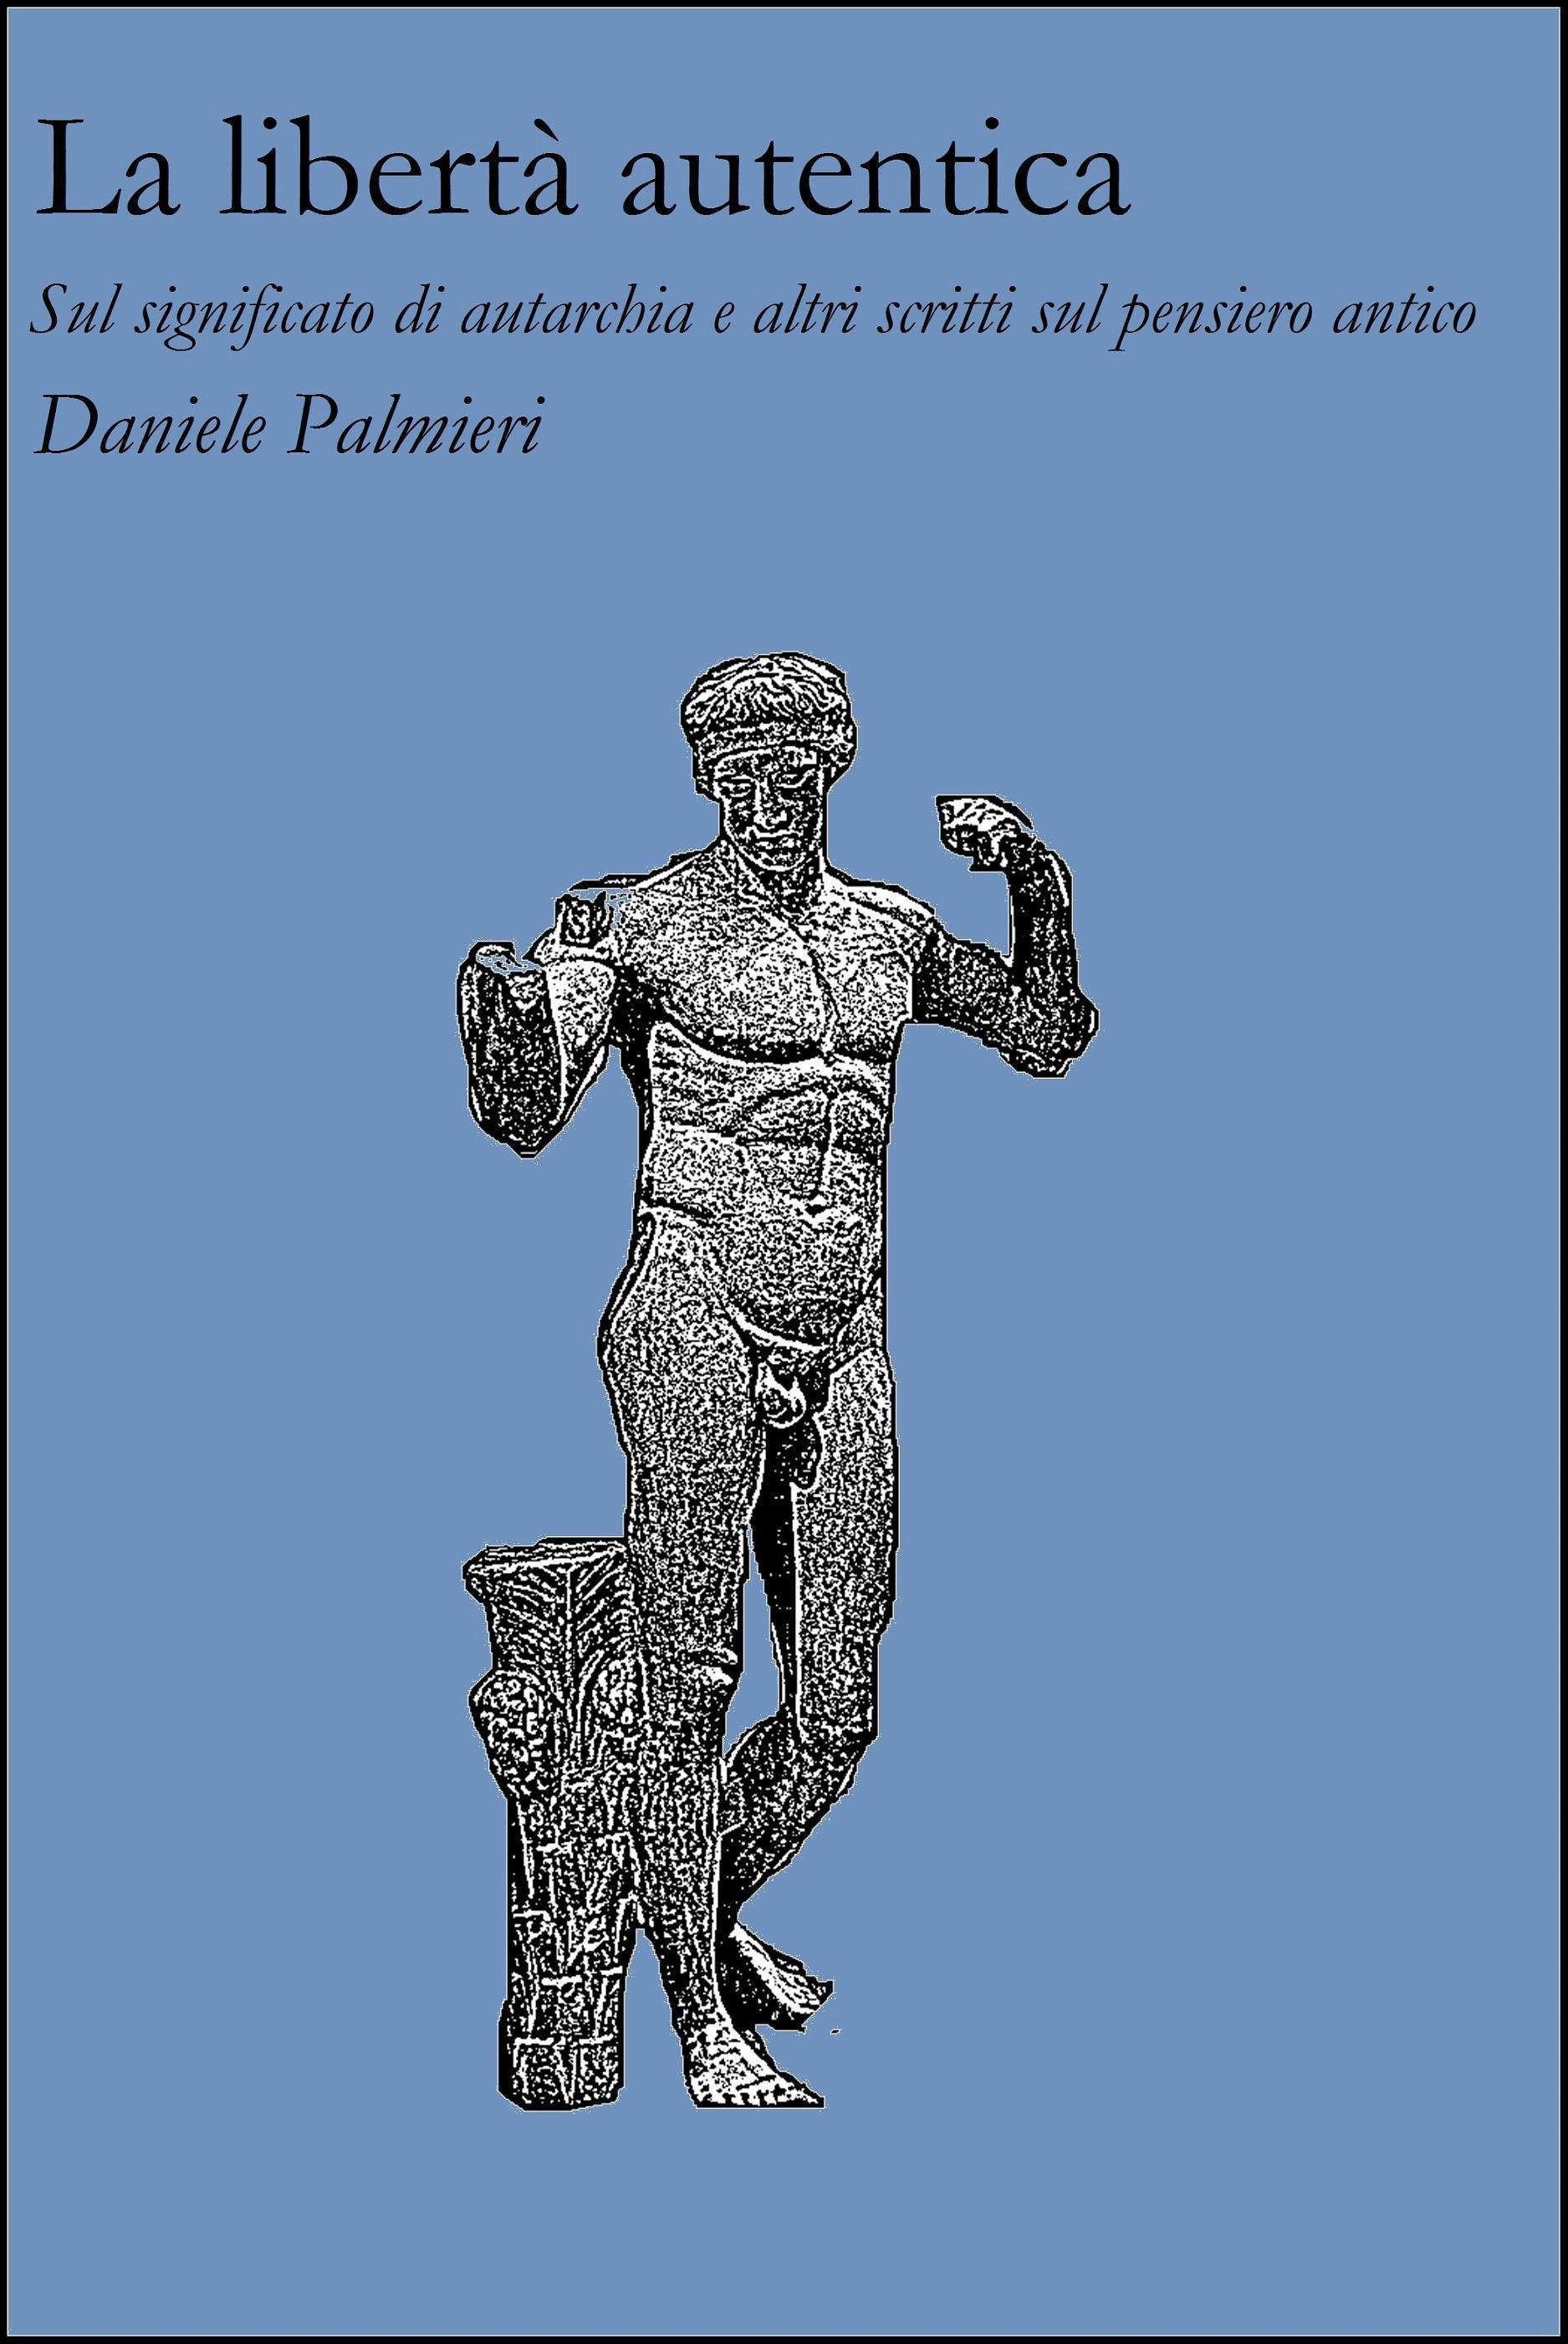 La libertà autentica. Sul significato di autarchia e altri scritti sul pensiero antico